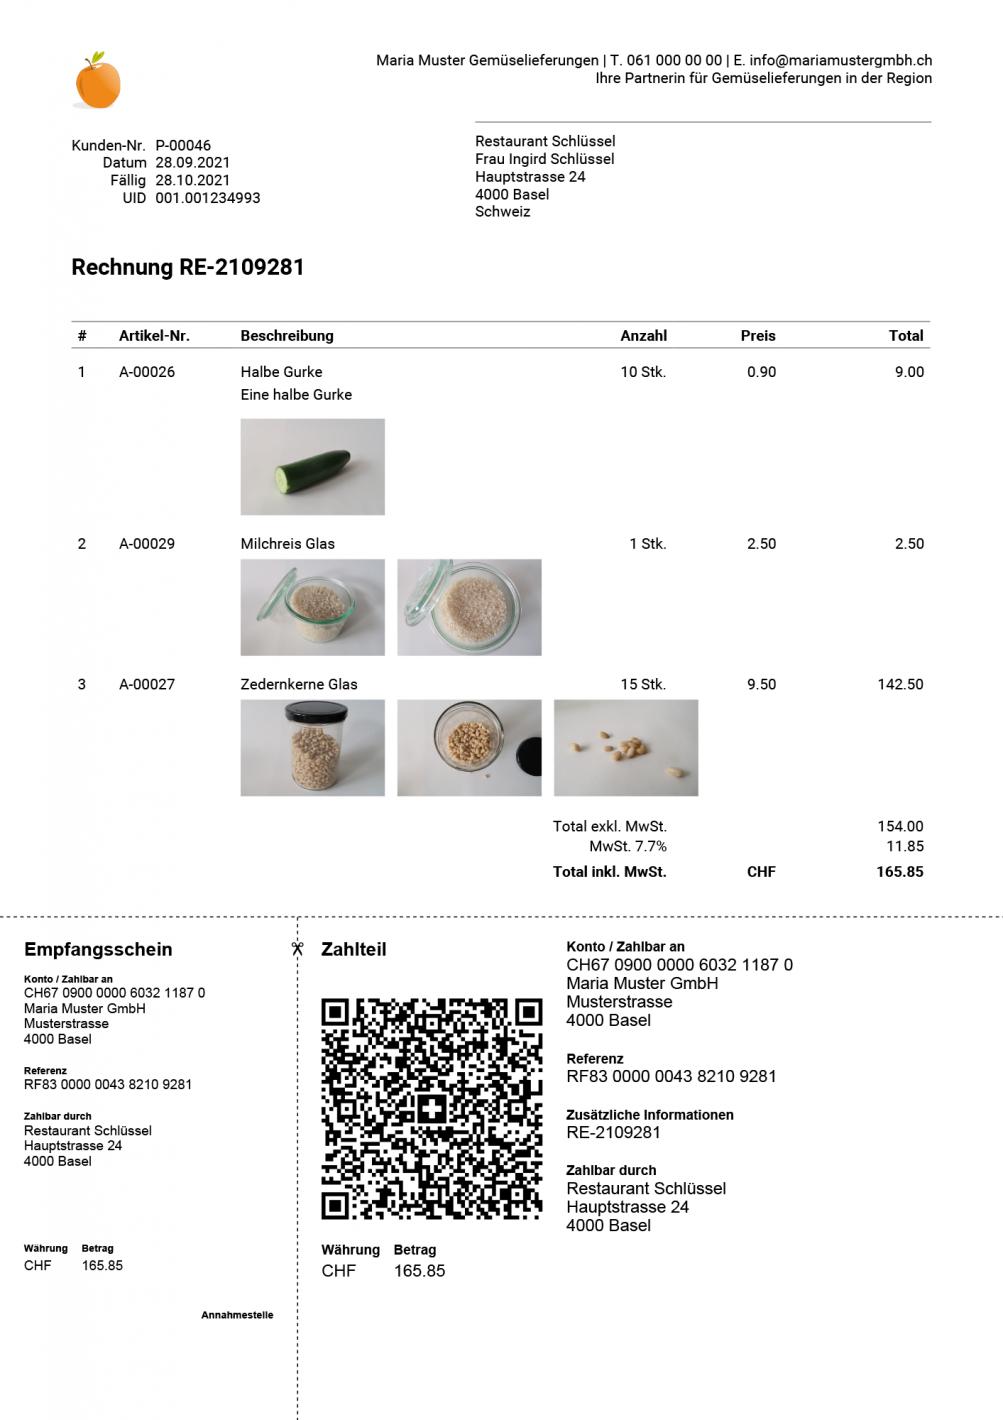 QR-Rechnung mit Artikelbilder